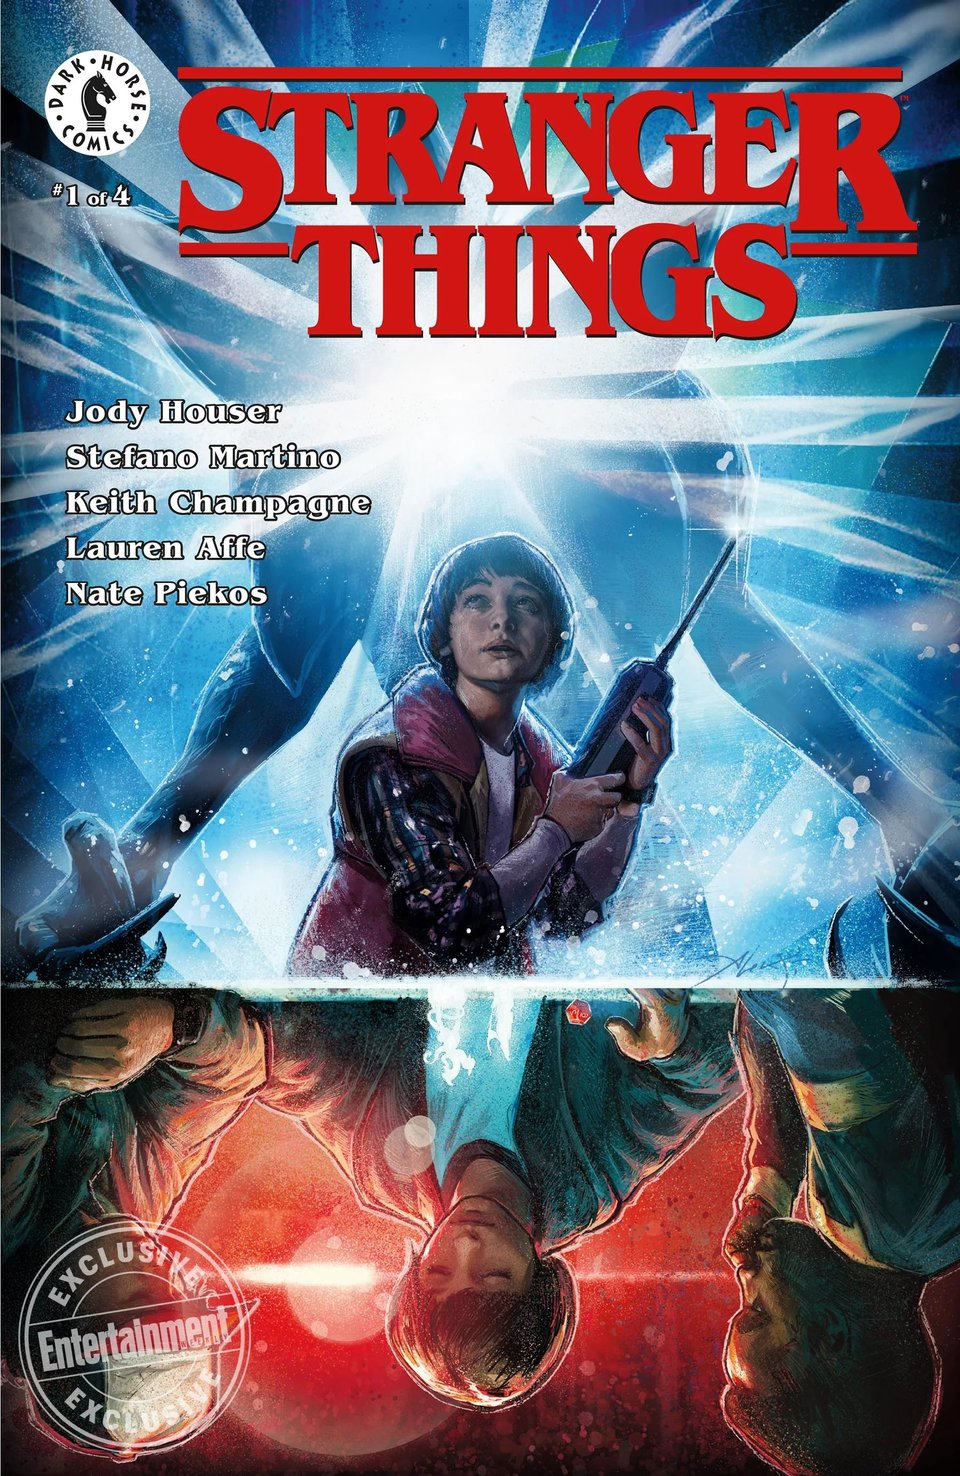 Обложка комикса «Stranger Things» / Издательство Dark Horse